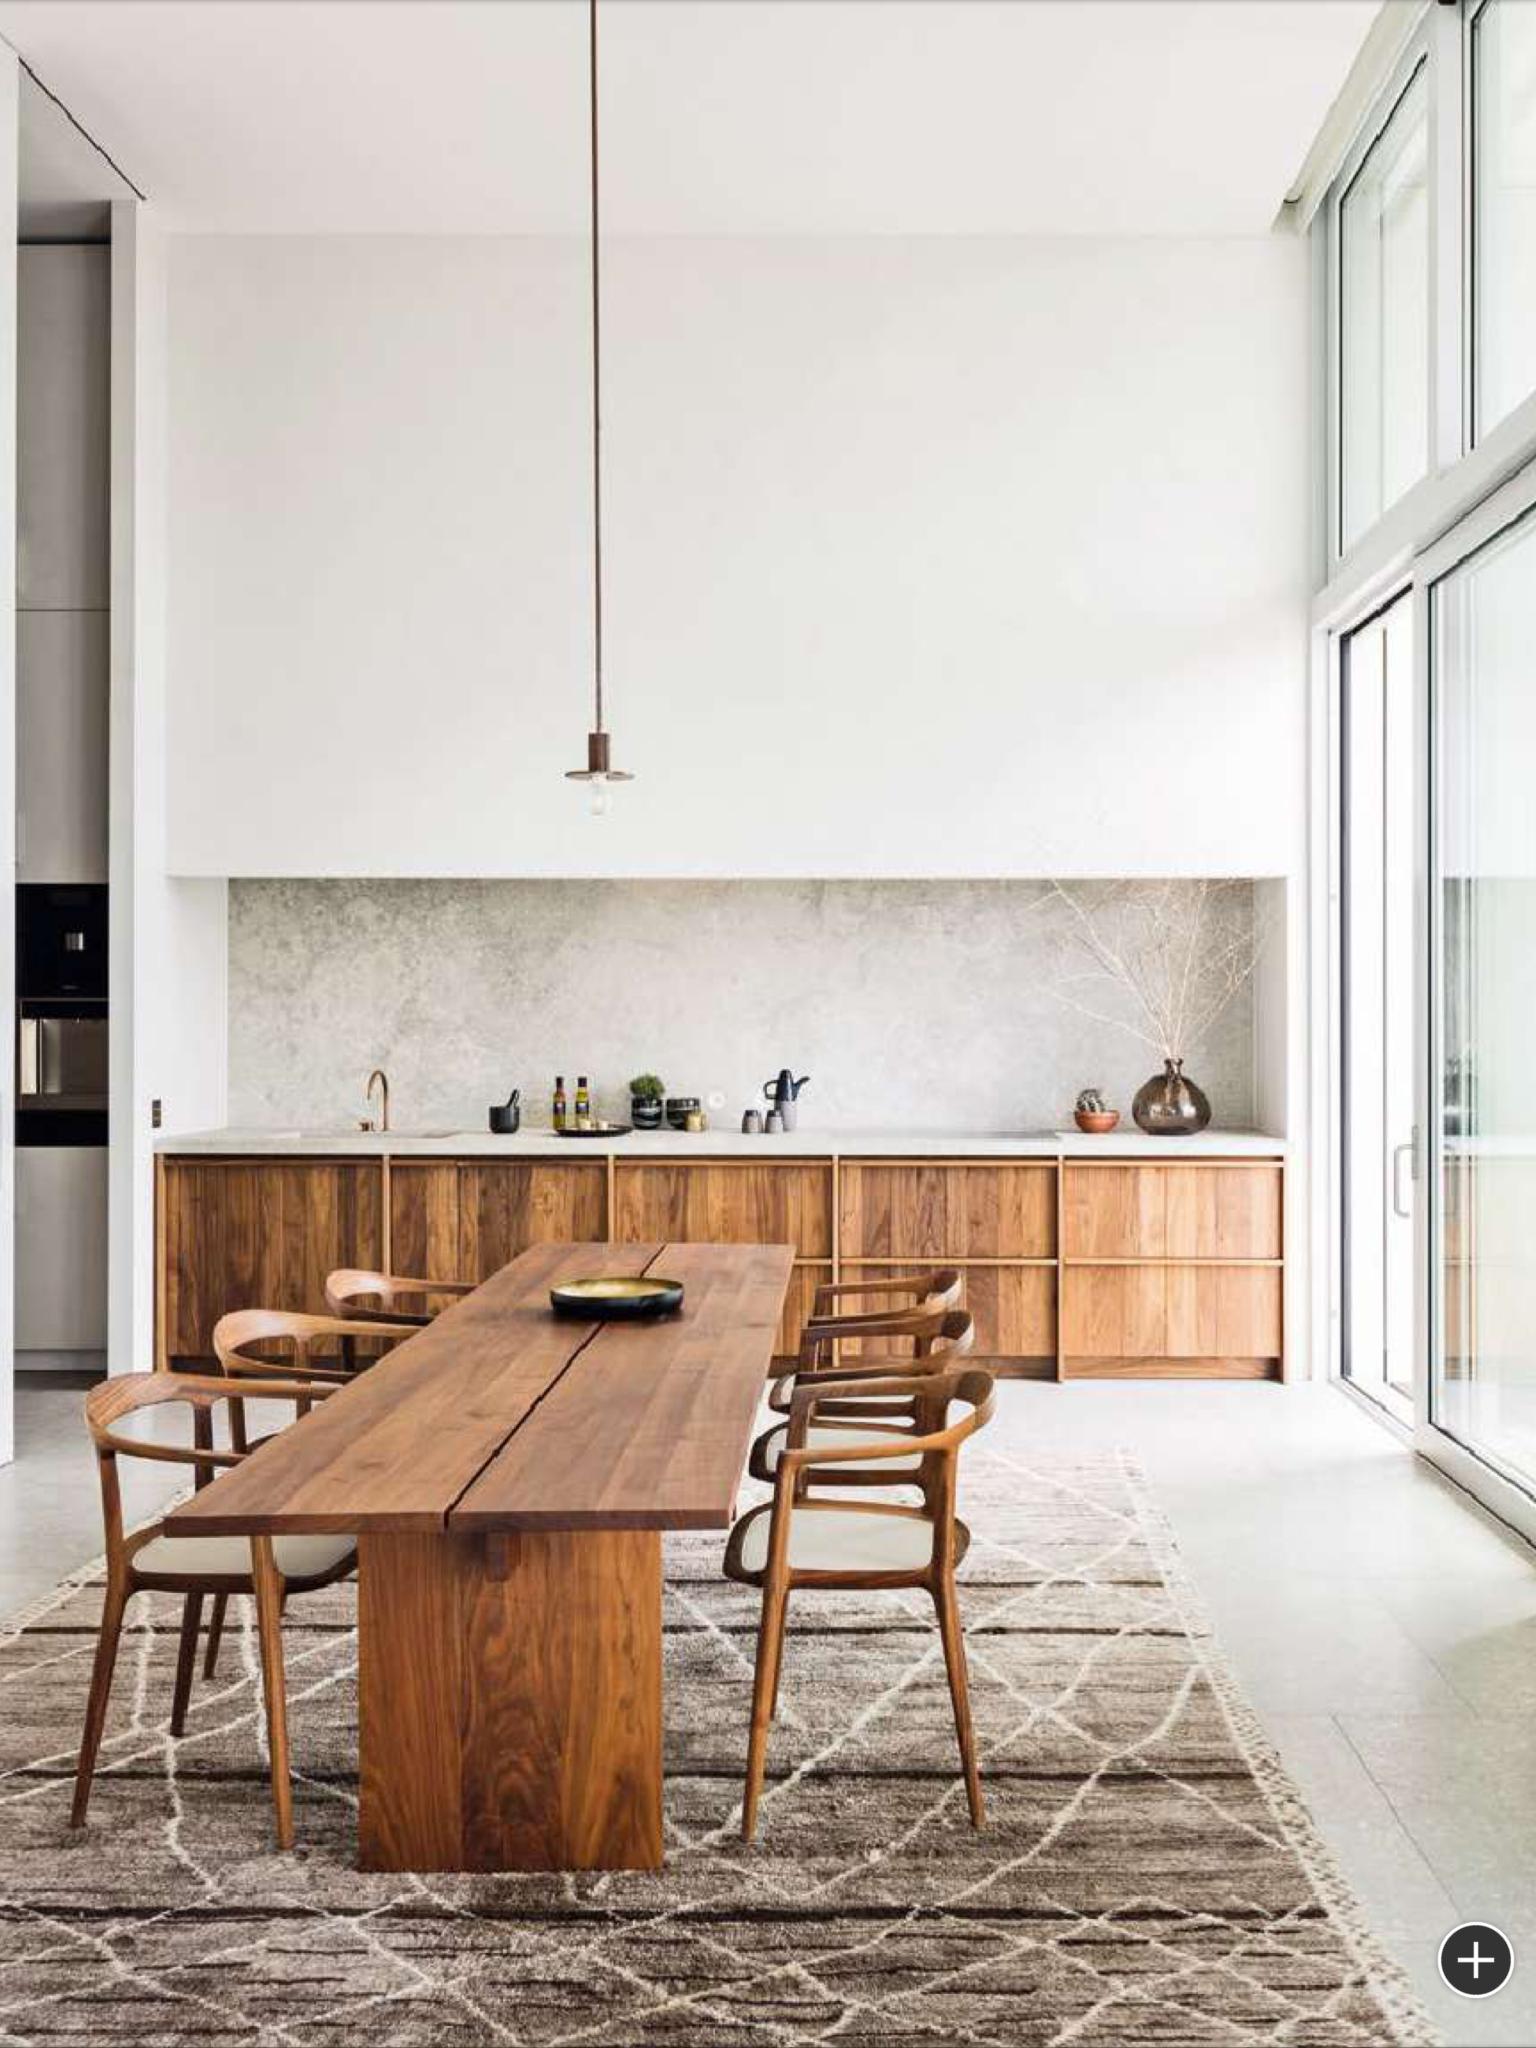 Simple Minimalist Dining Set: Spacious Minimalist Dining Room // Long Farmhouse Table